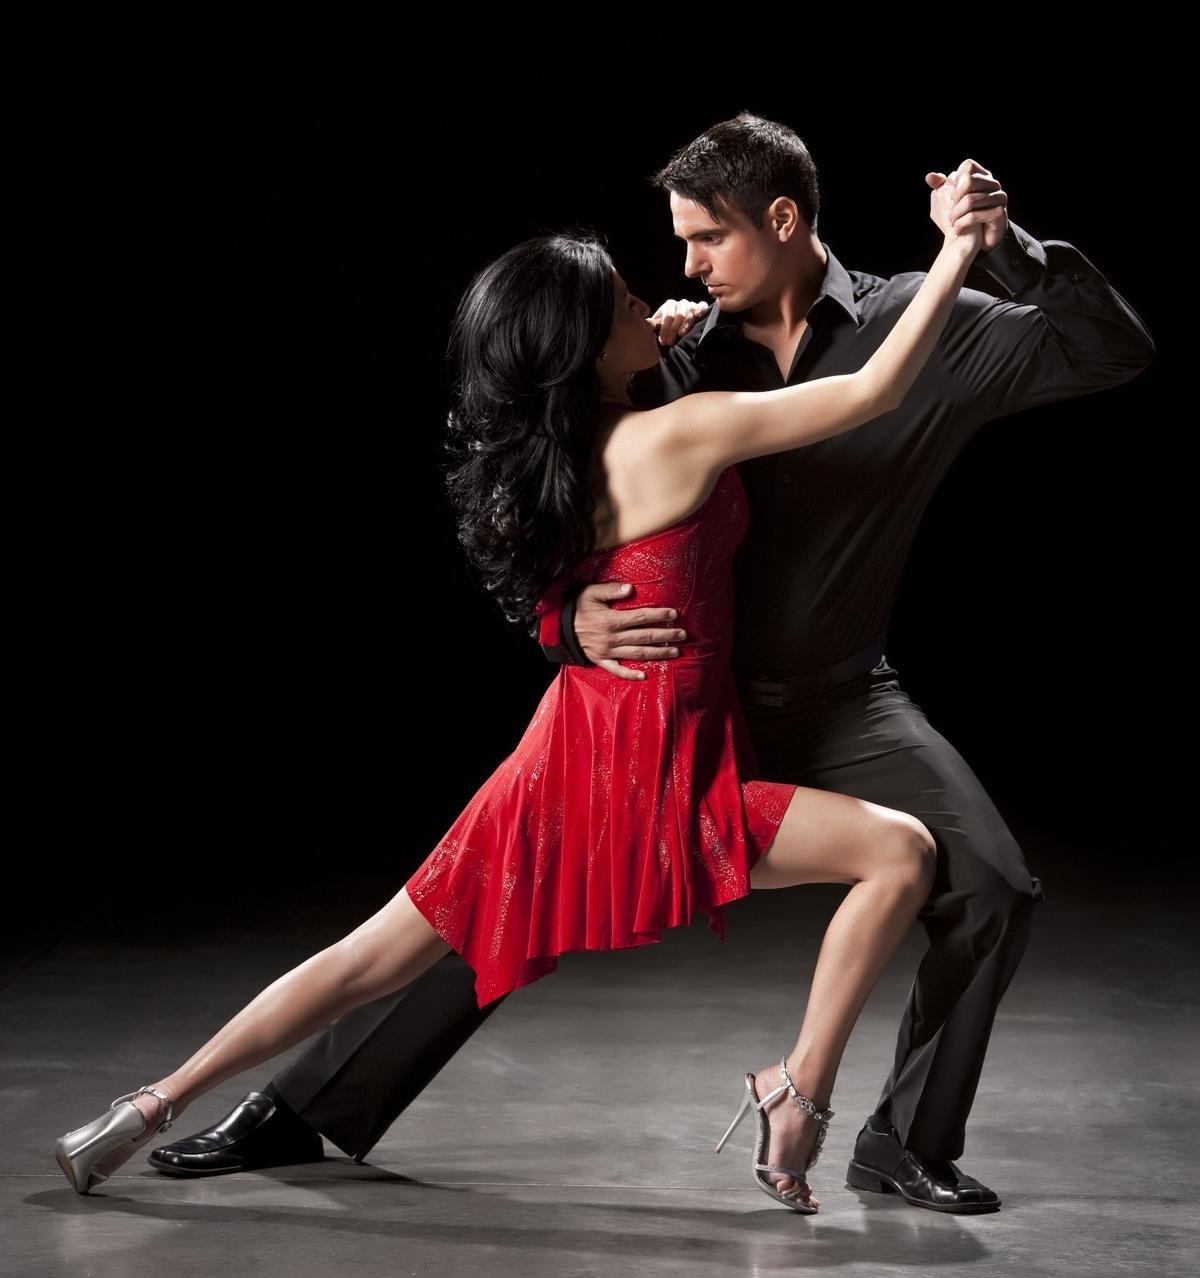 Красивые танцевальные пары картинки